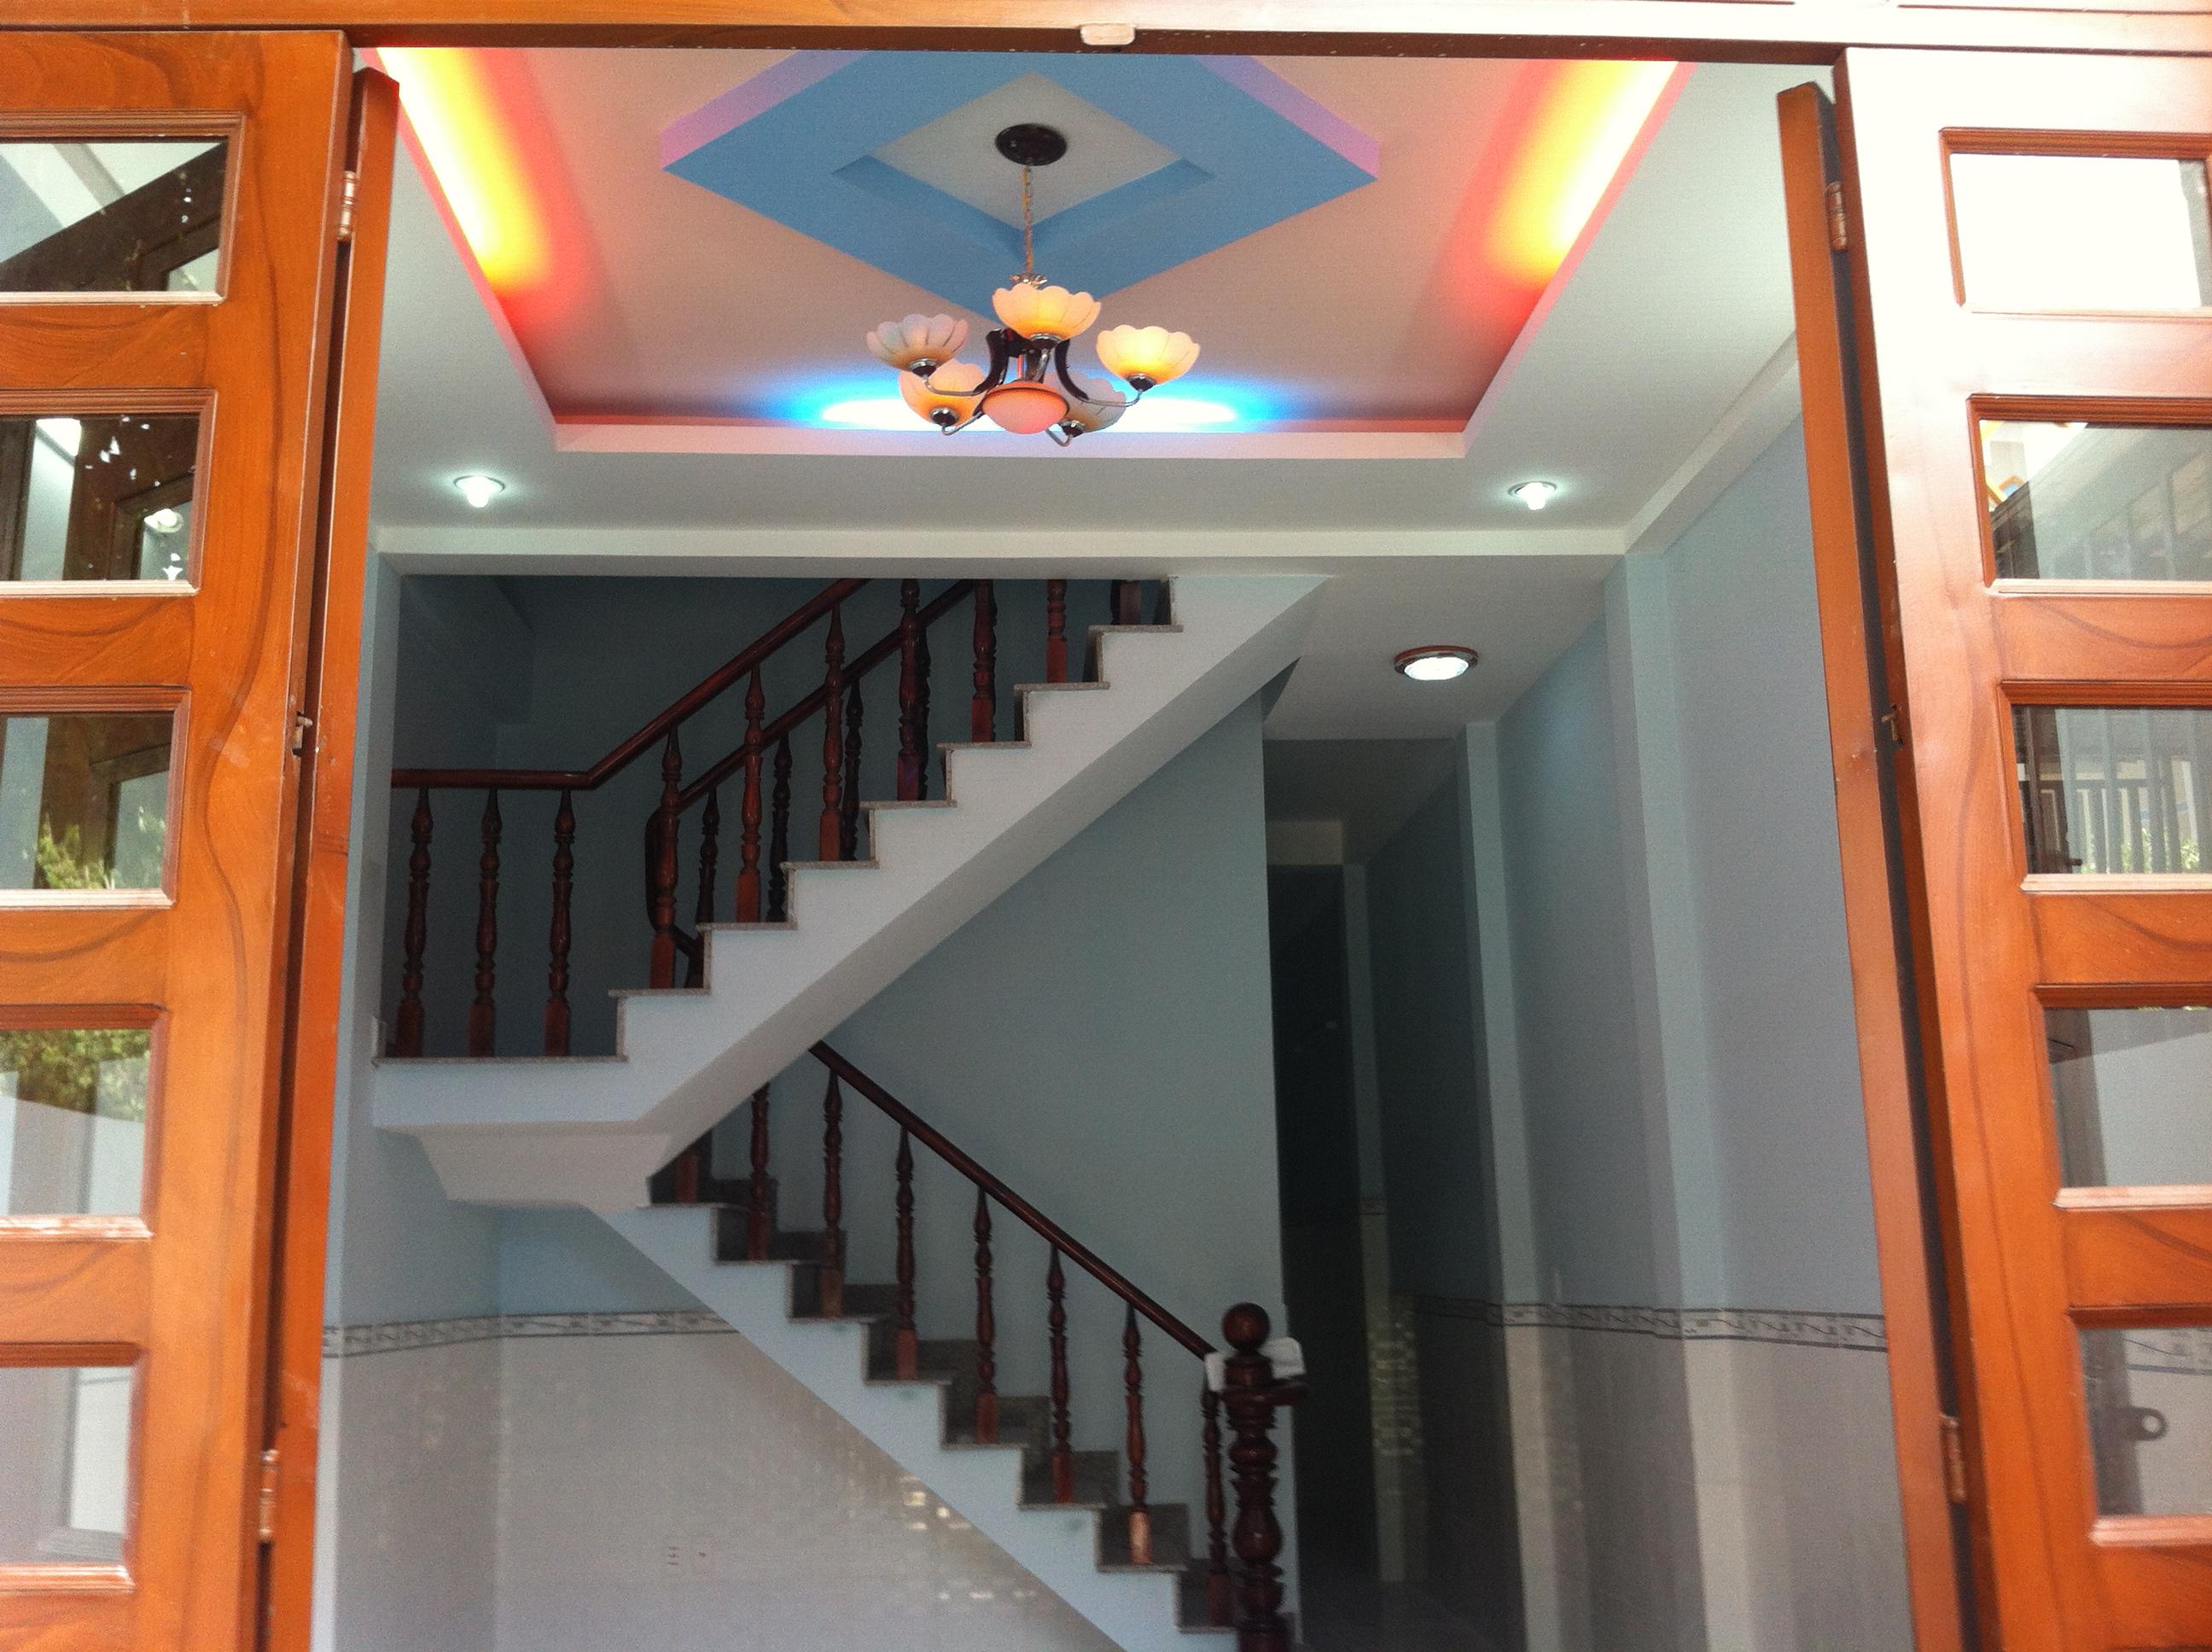 không gian bên trong nhà tại dĩ an trong khu dân cư đông, an ninh tốt